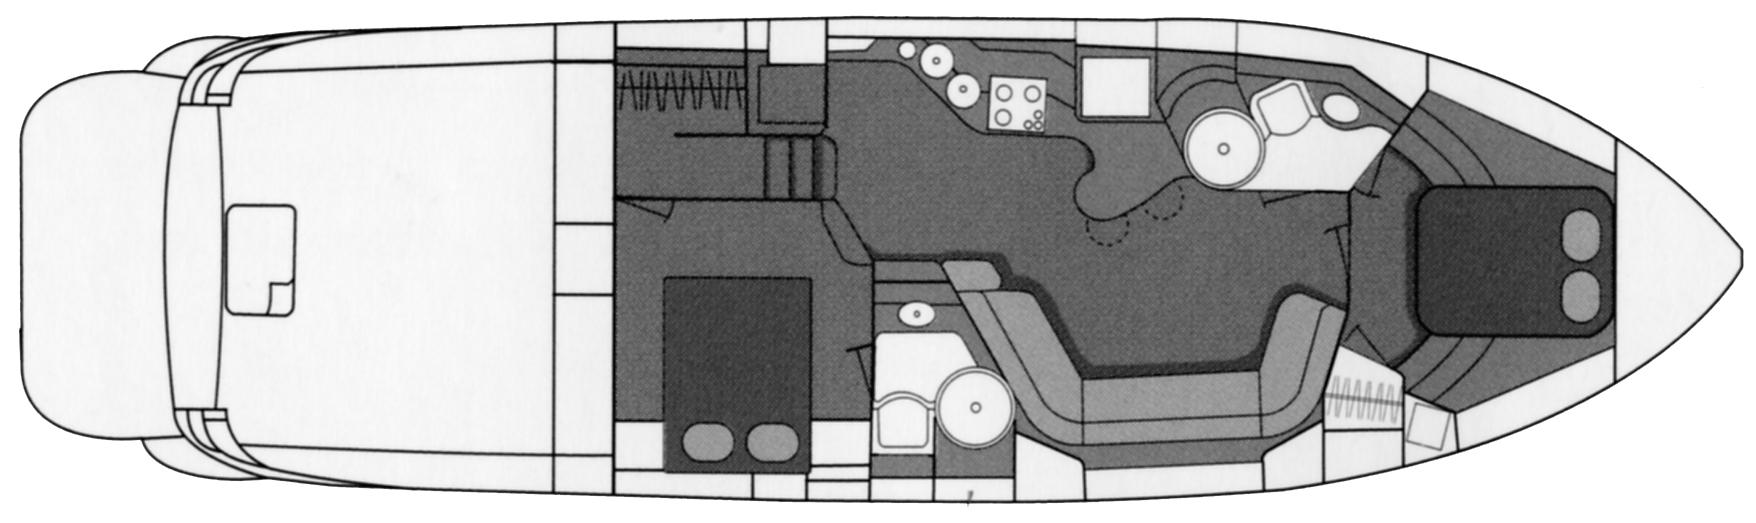 5370-5470 Express; 540-560 Express Floor Plan 2